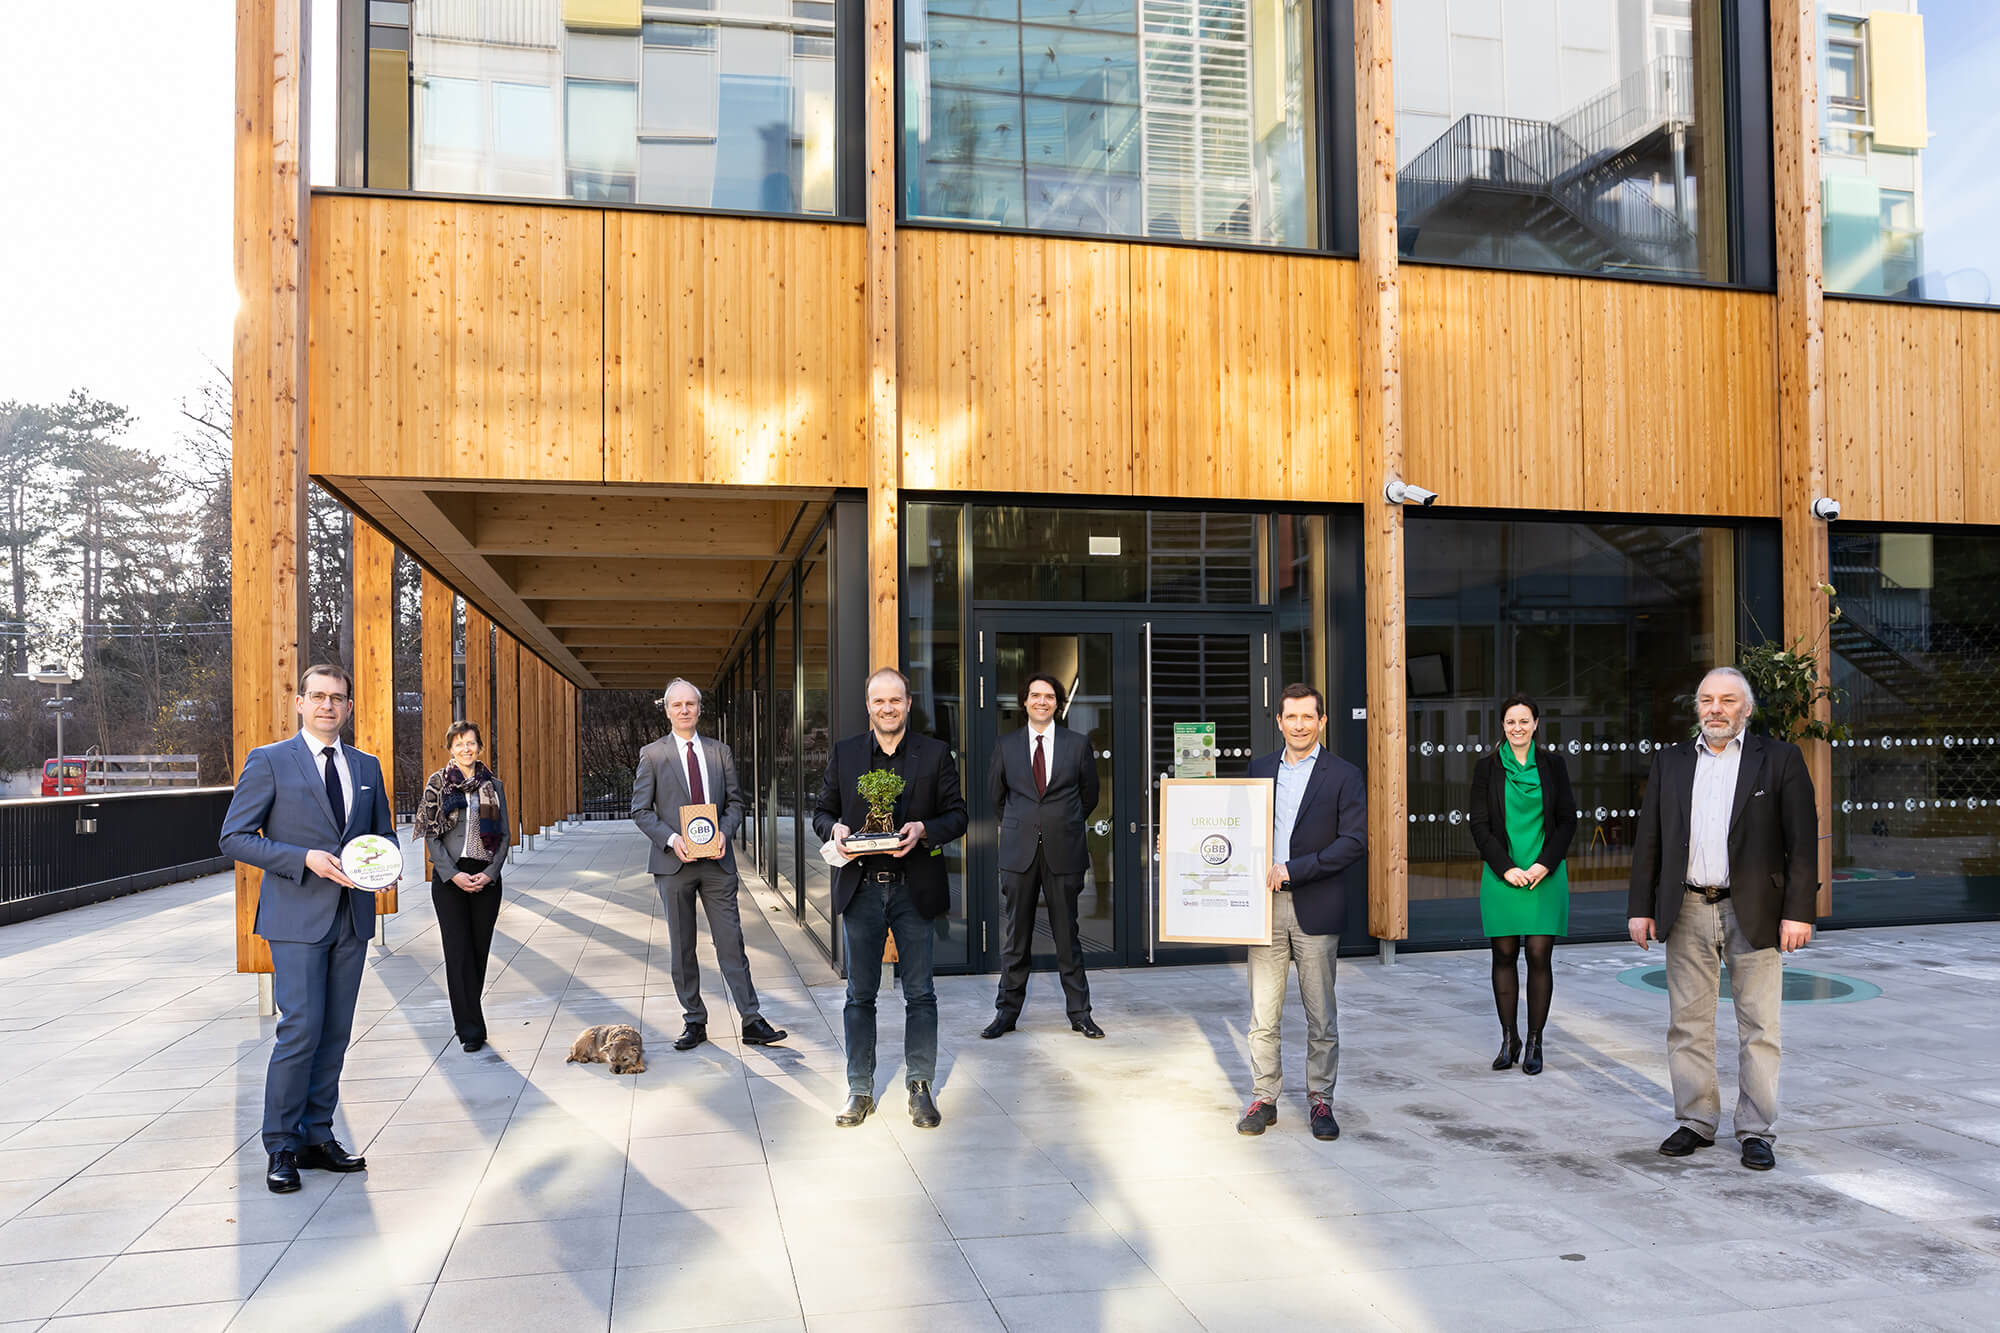 Awardverleihung vor dem BOKU Gebäude